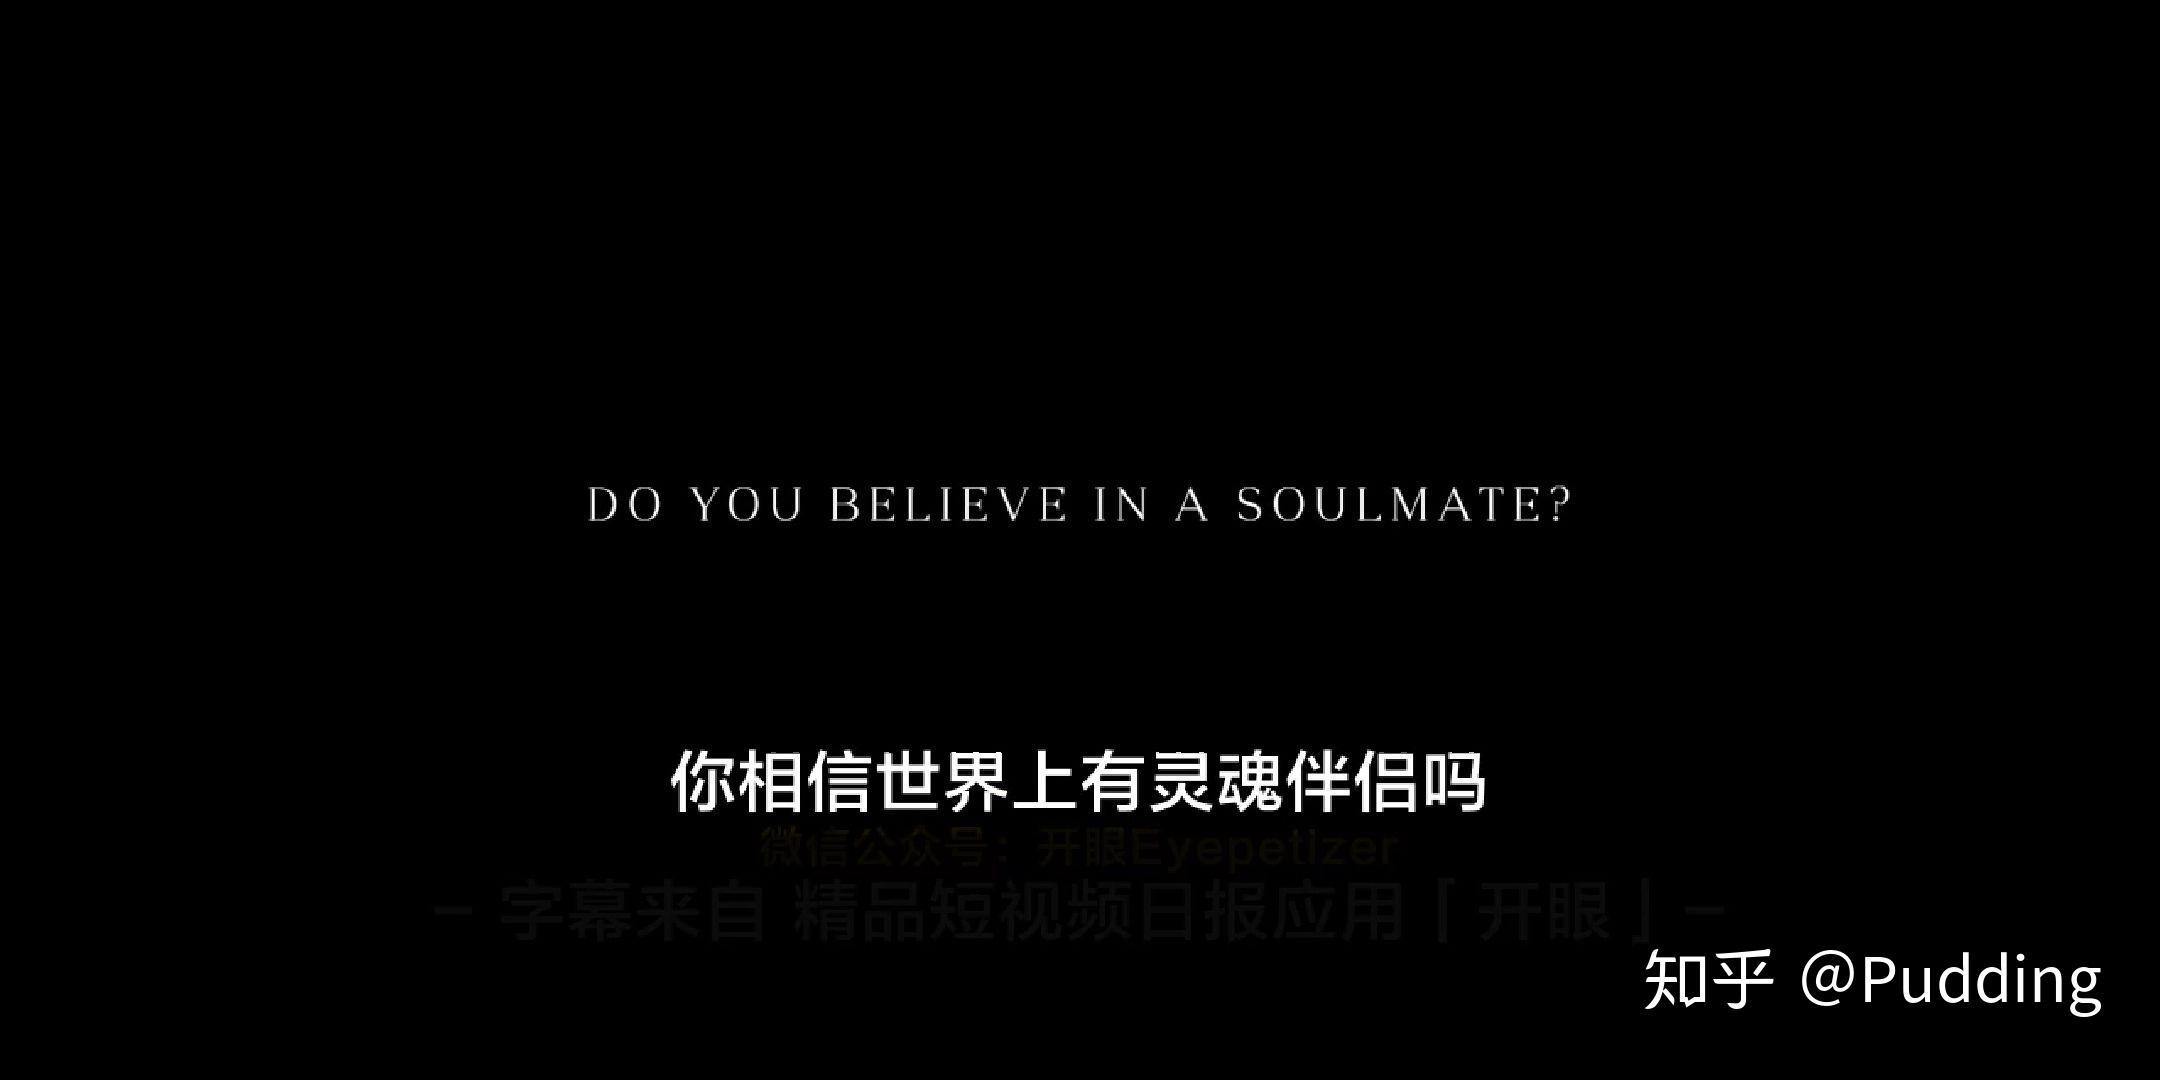 遇到灵魂伴侣是什么感受 灵魂伴侣相遇前的征兆